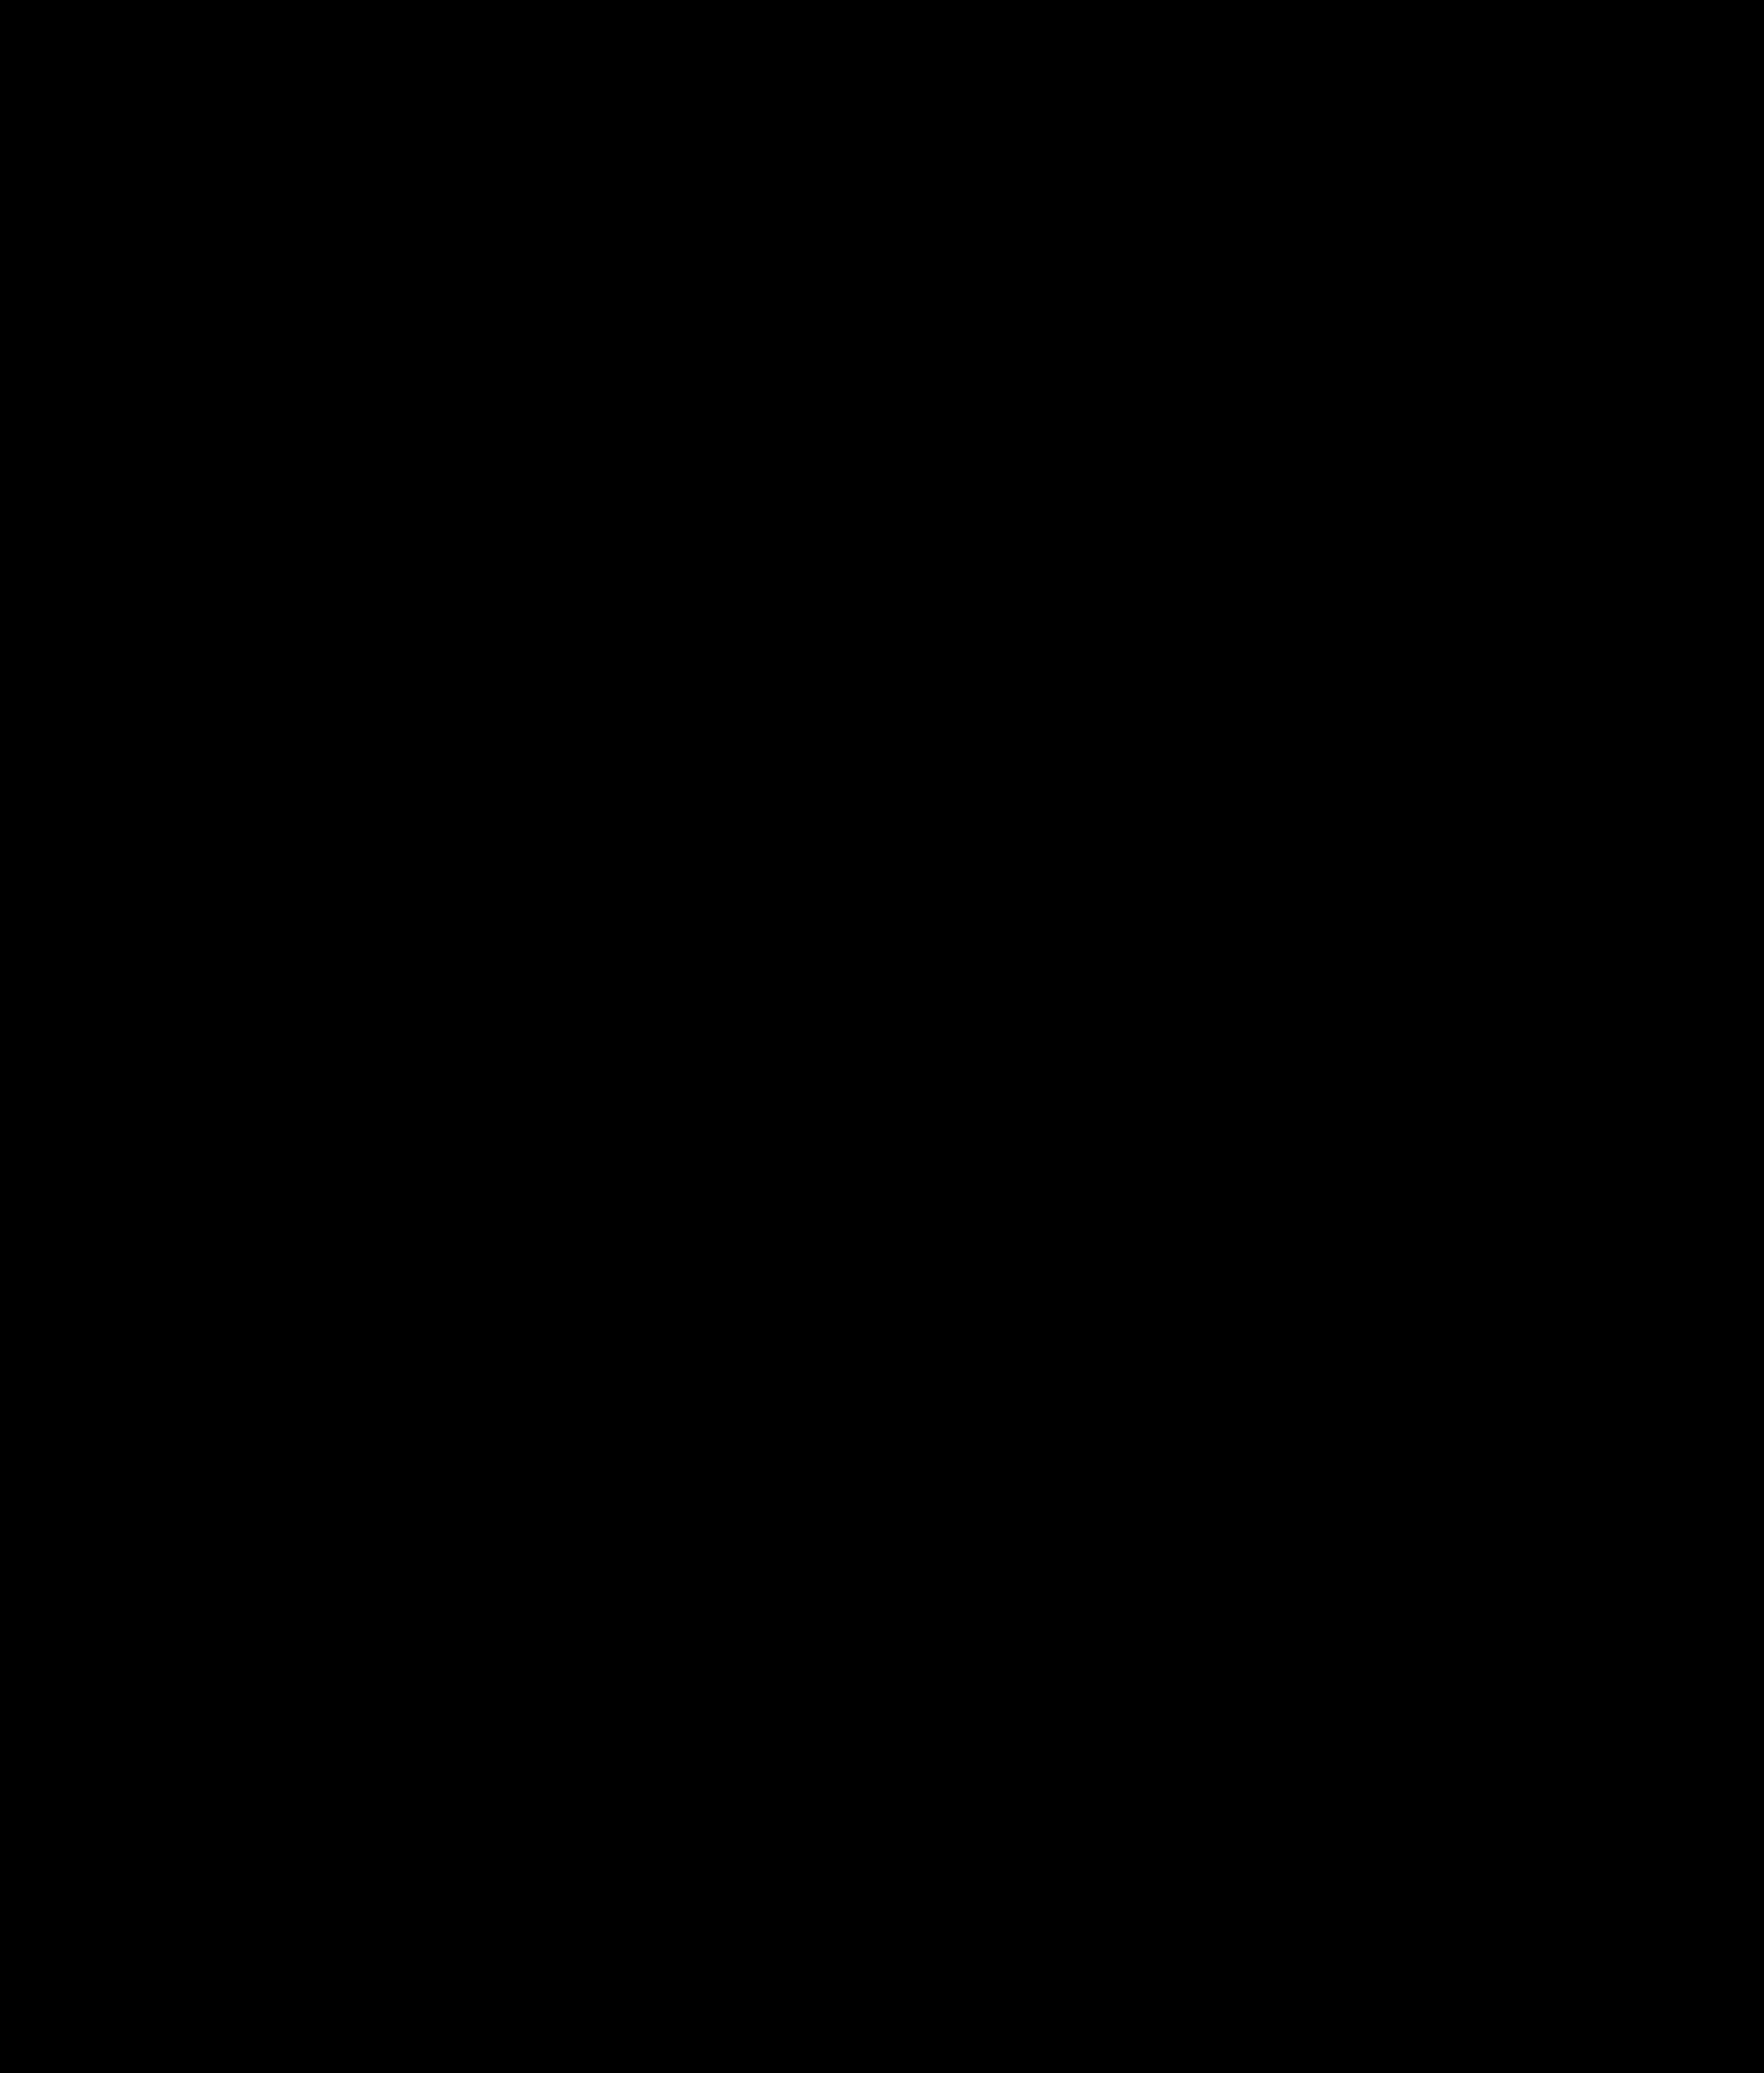 https://www.mamafestival.com/